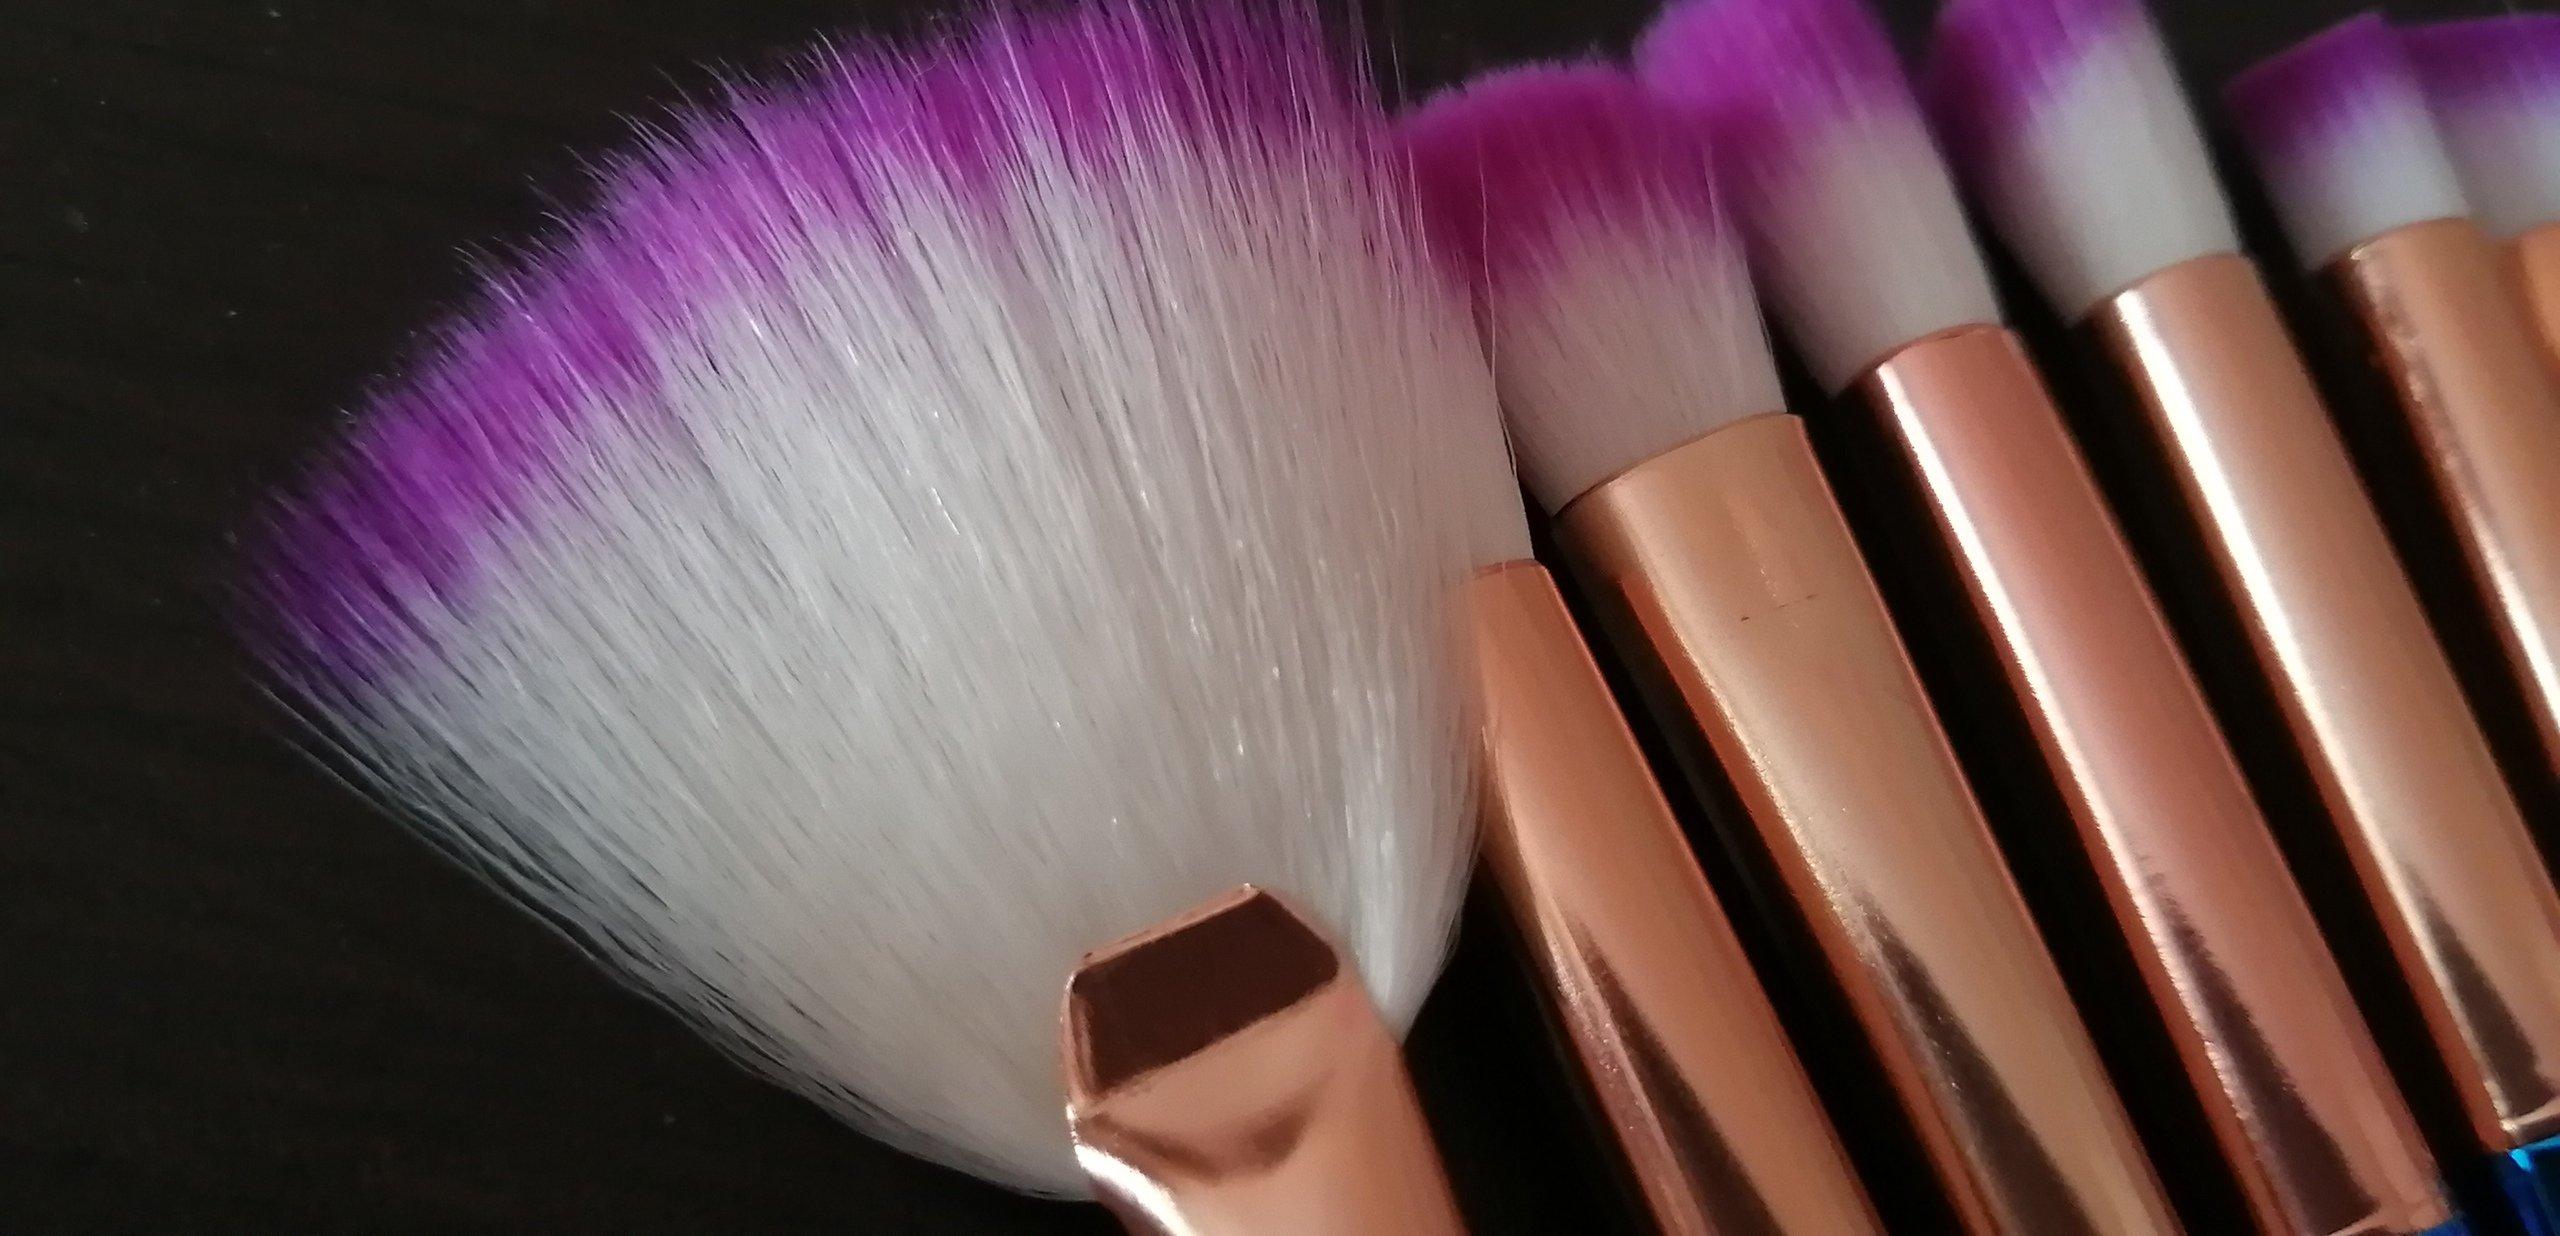 Набор кистей для макияжа 20 шт. - купить